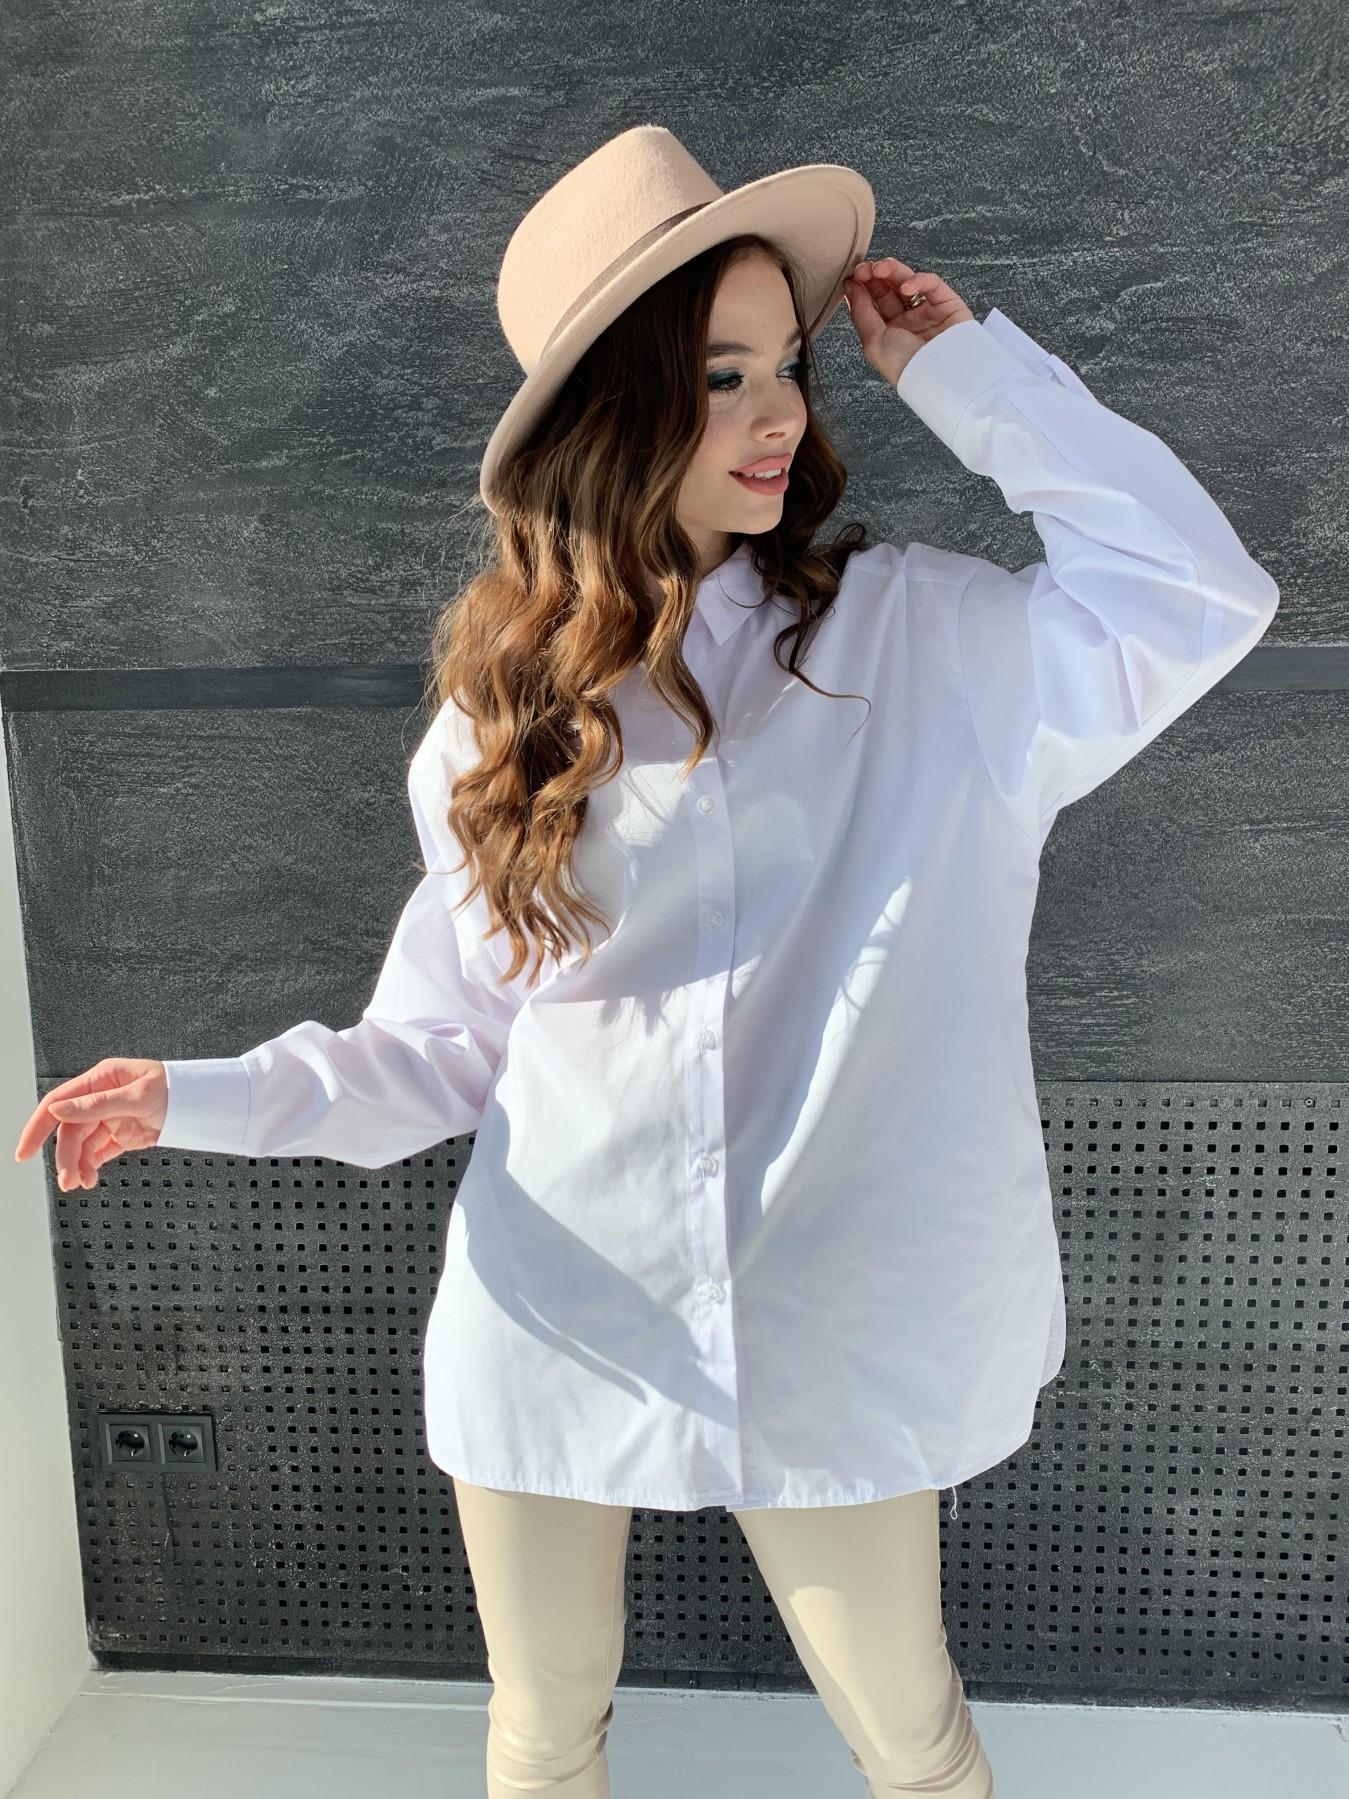 Найс рубашка из хлопковой ткани 10808 АРТ. 47287 Цвет: Белый - фото 9, интернет магазин tm-modus.ru